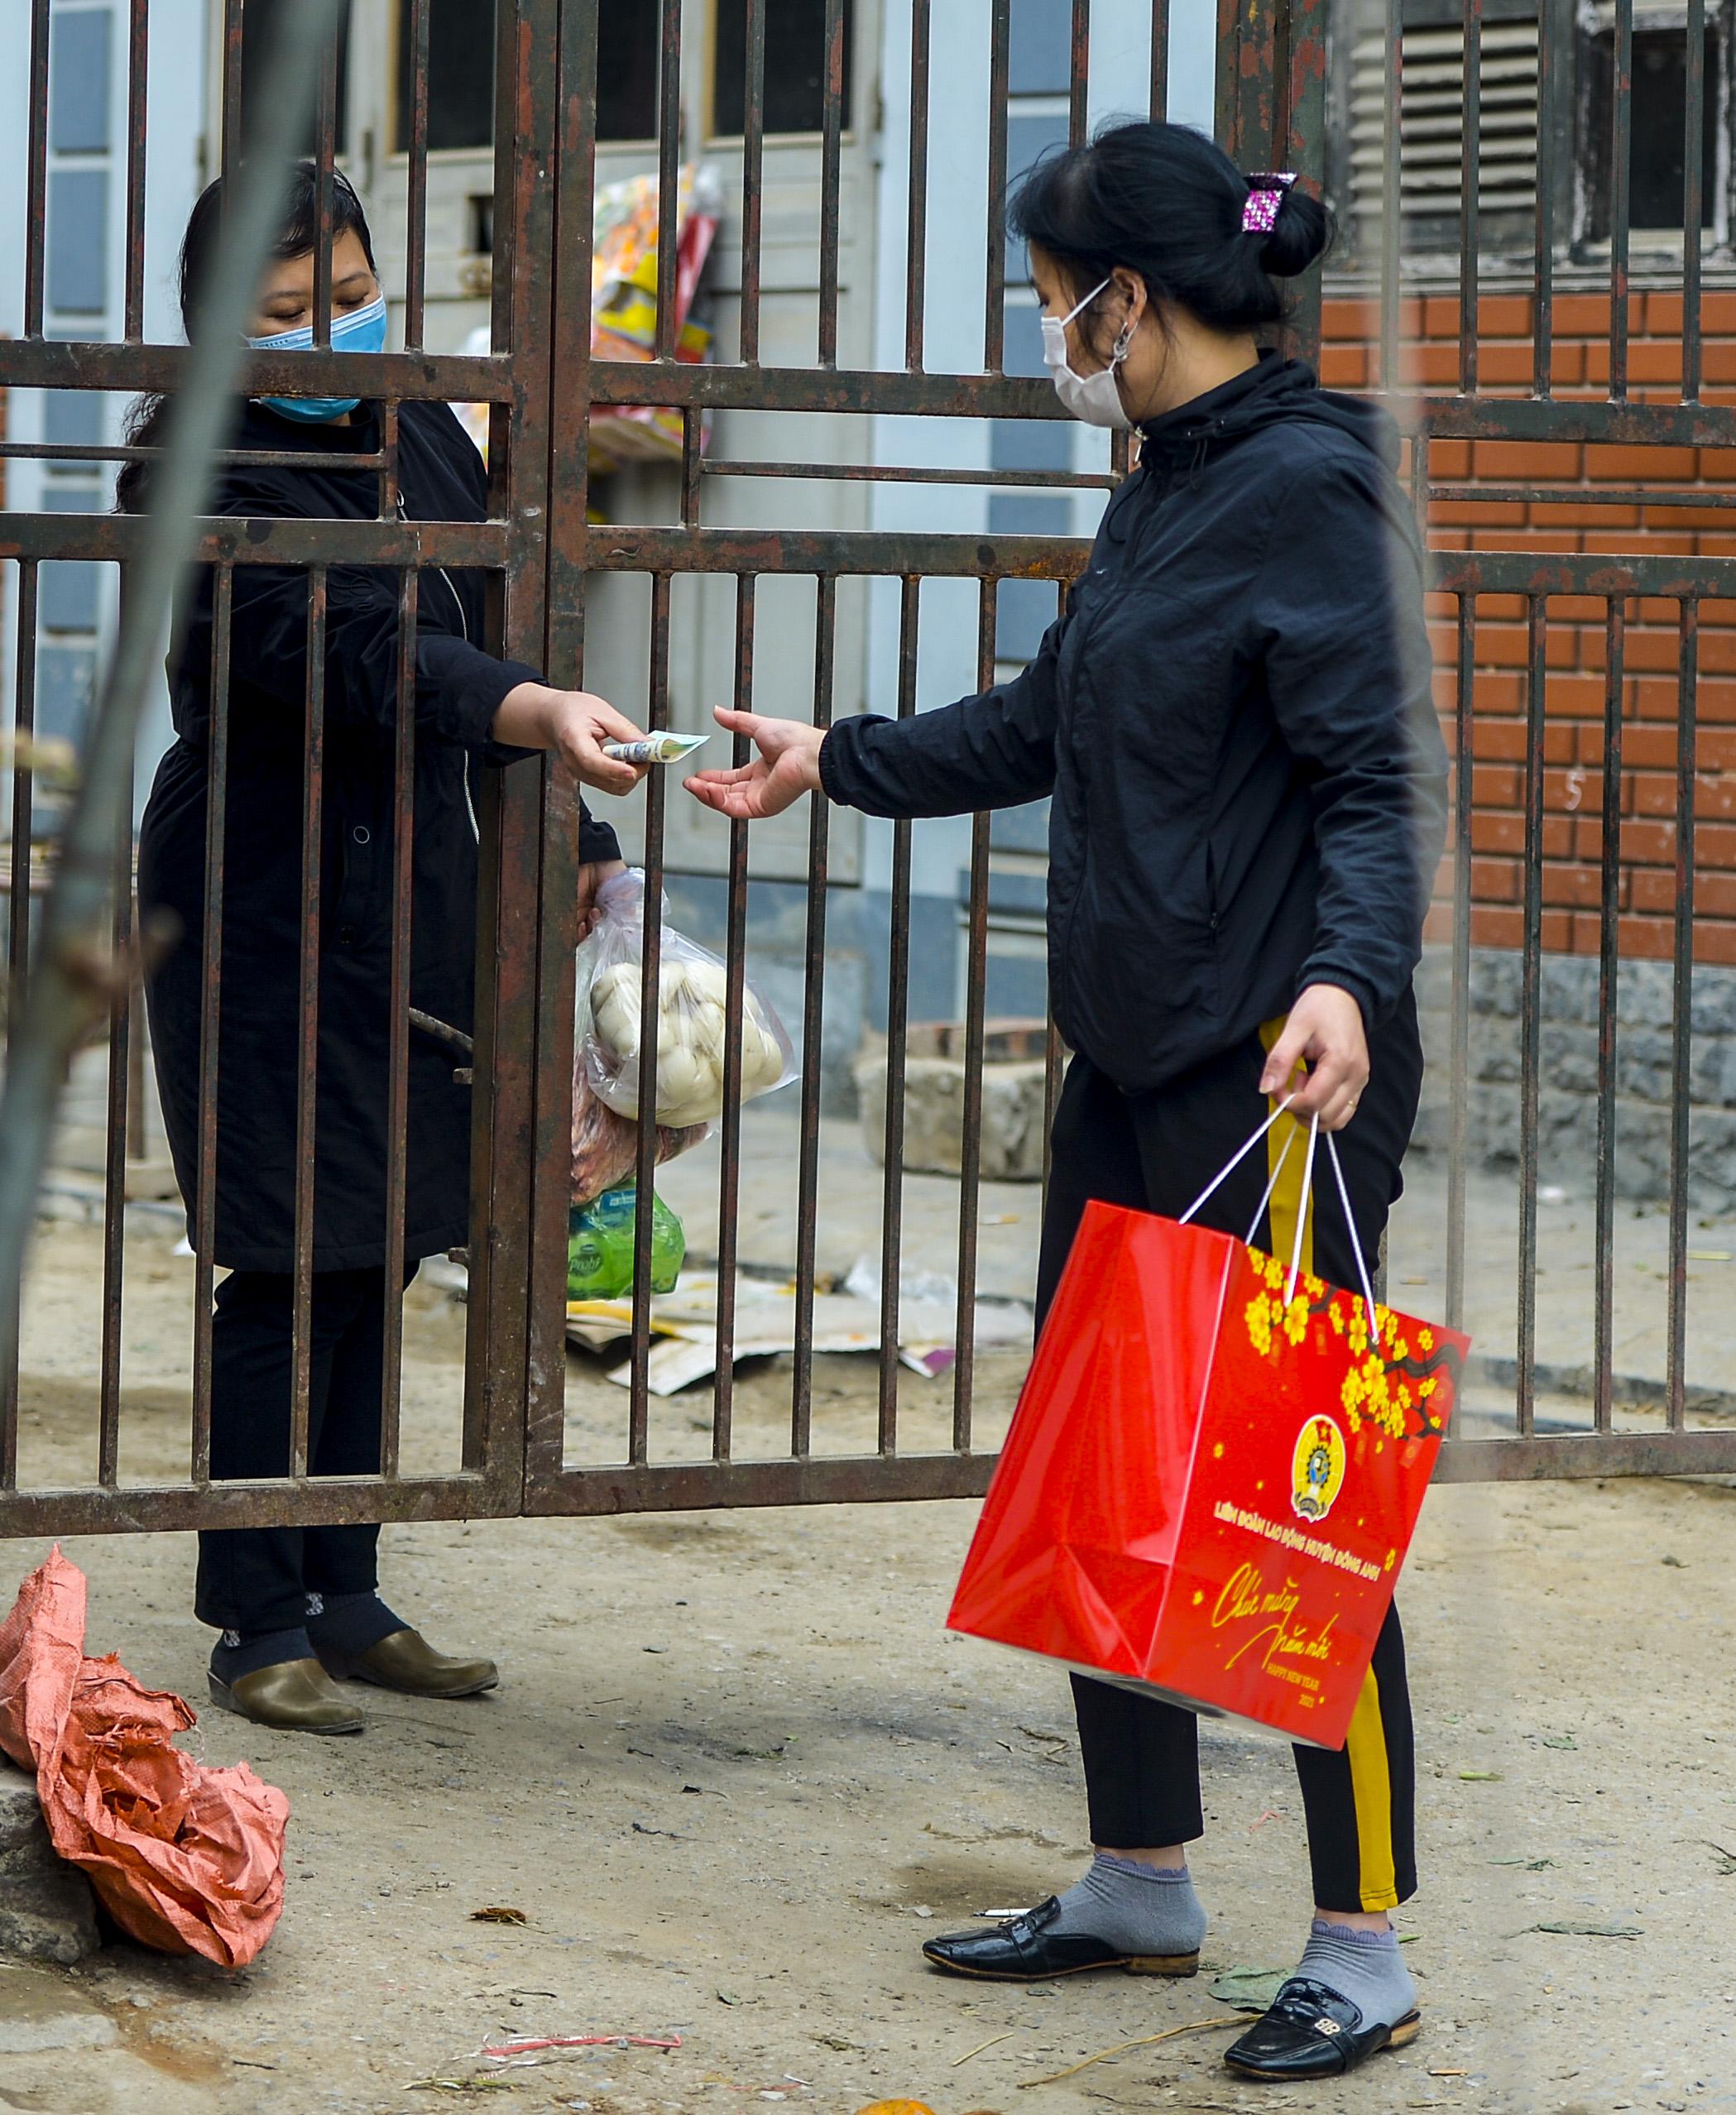 Hà Nội: Một gia đình dùng xe bán tải tiếp tế đồ cho người thân đang bị cách ly ở Đông Anh - Ảnh 4.